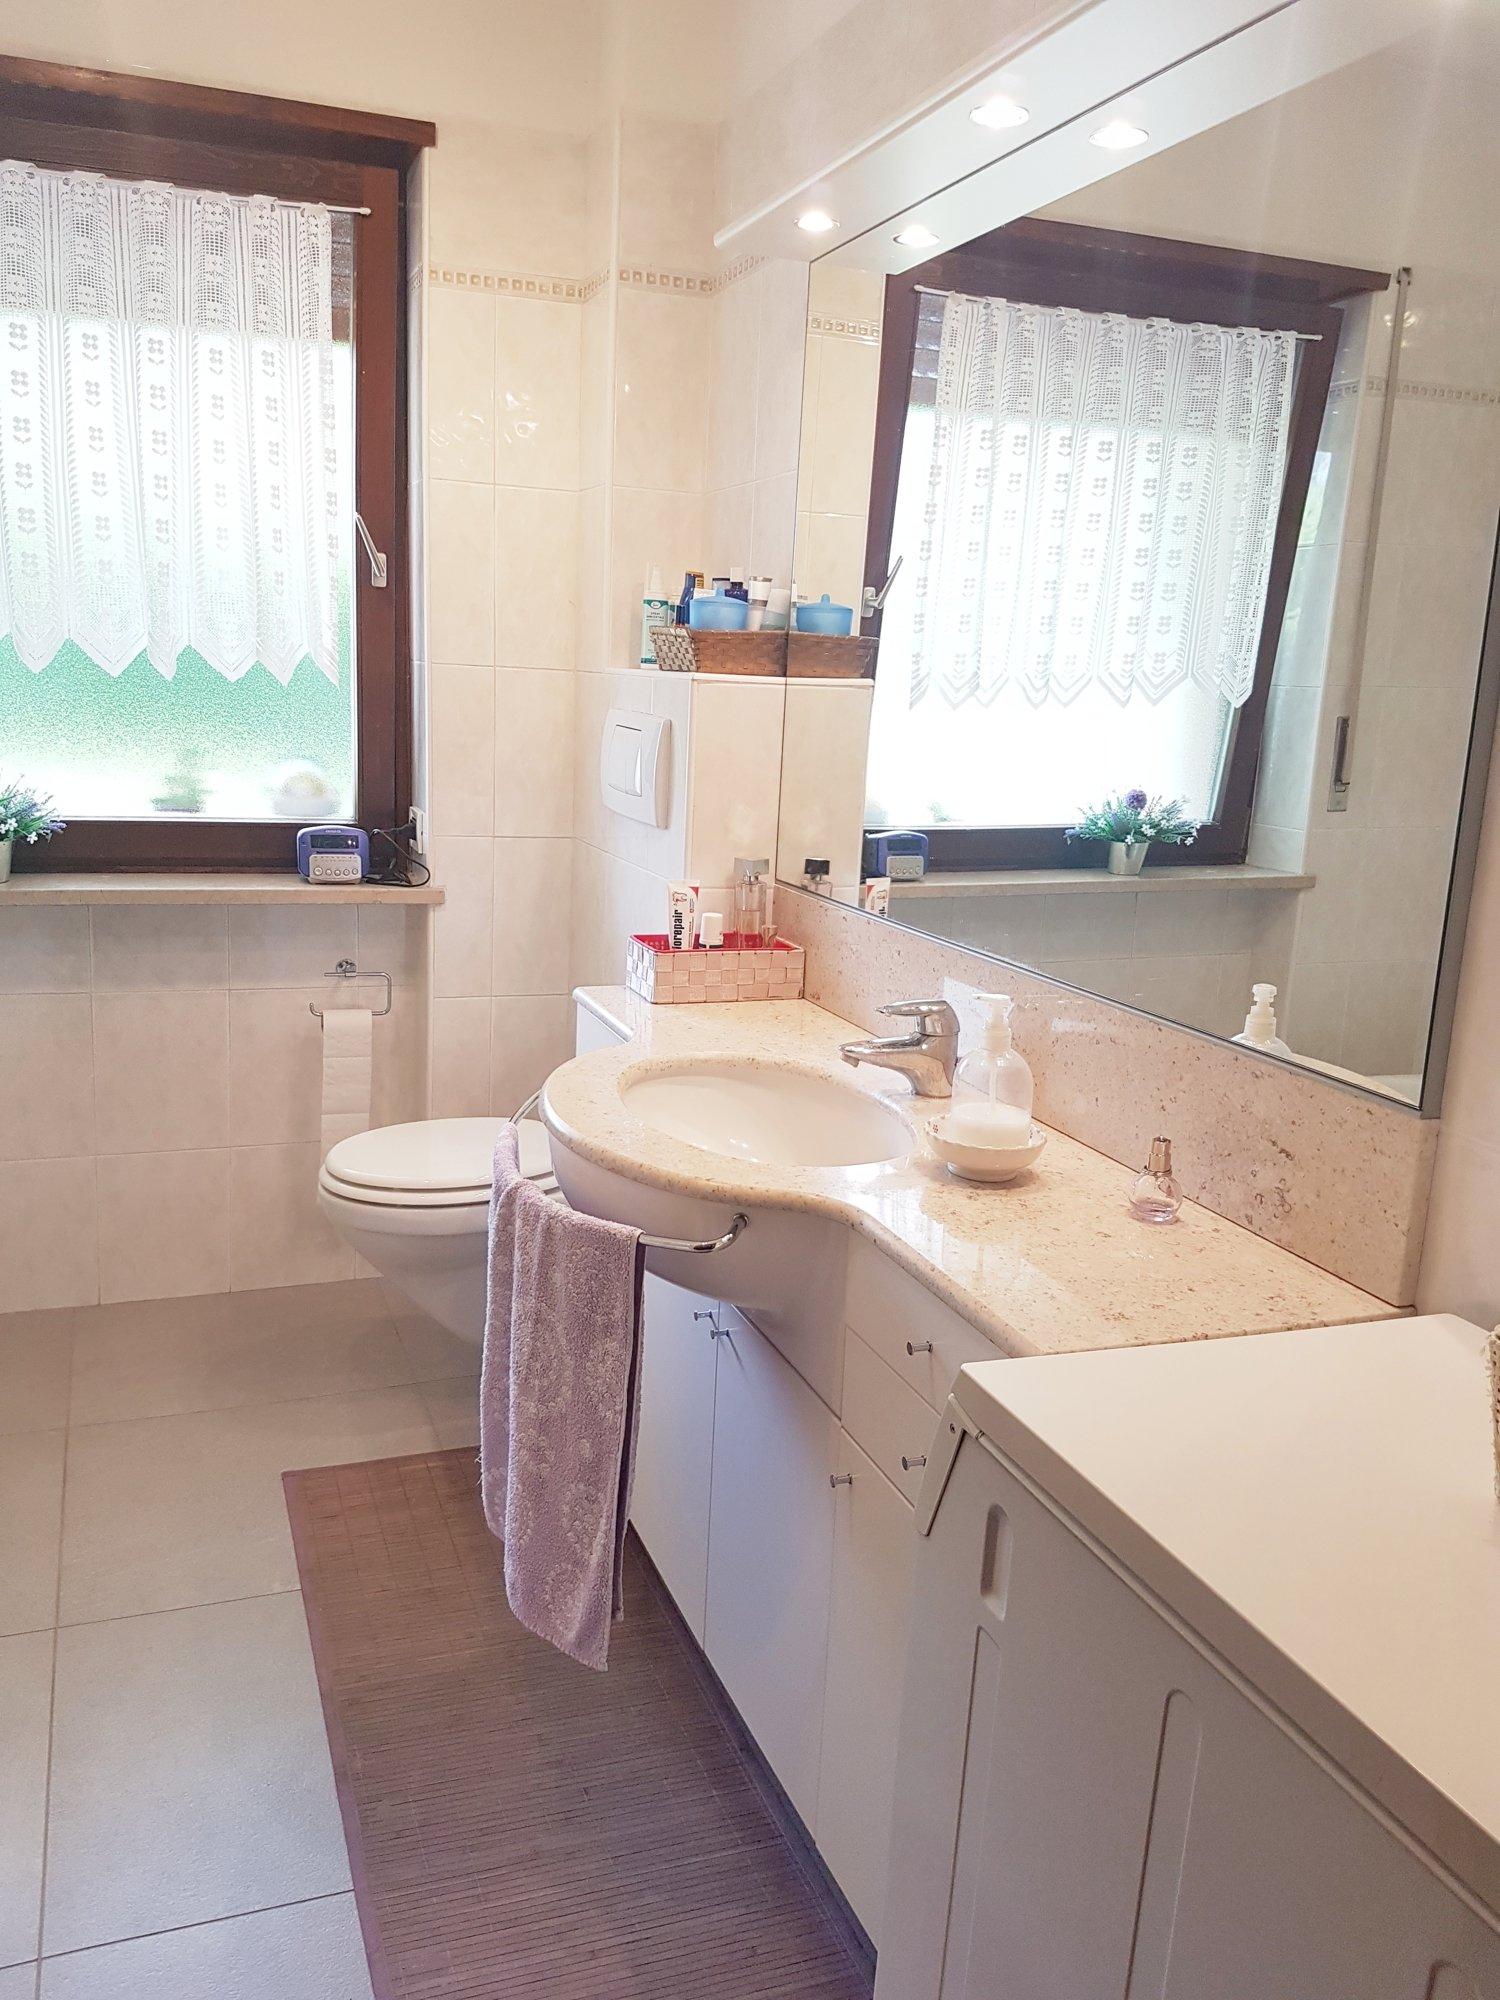 Bad mit Fenster_bagno finestrato